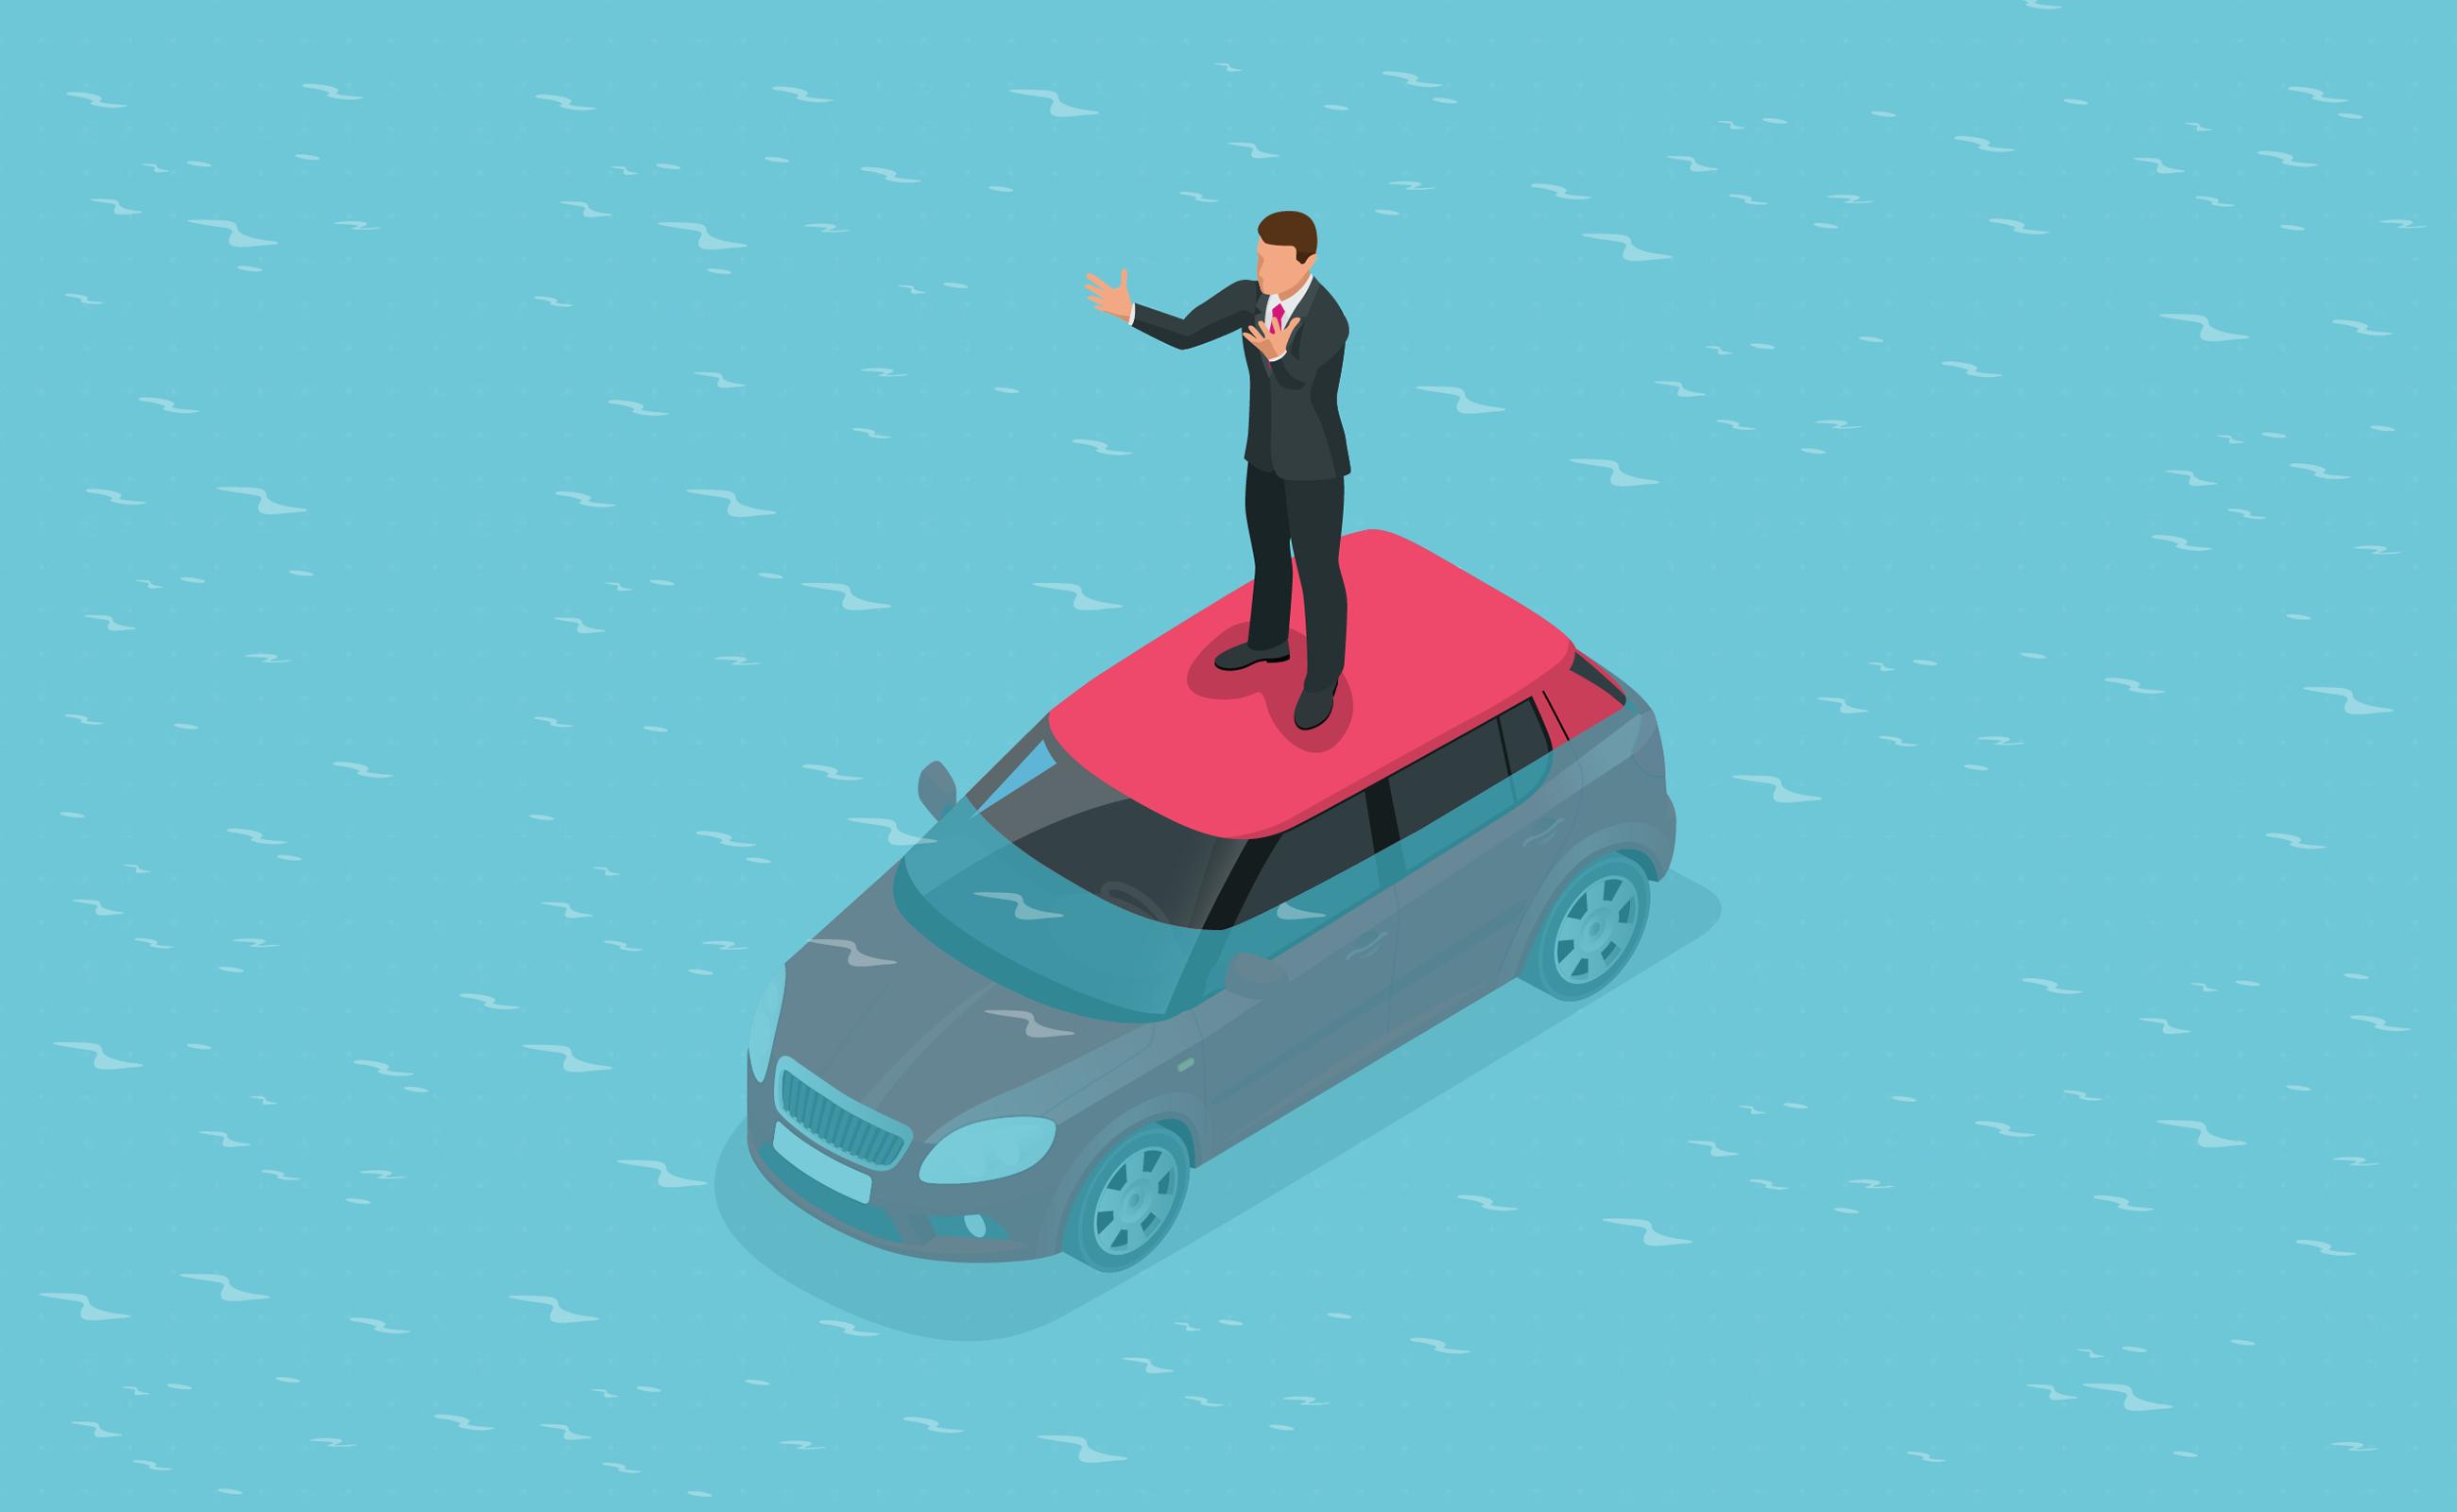 Car sinking underwater